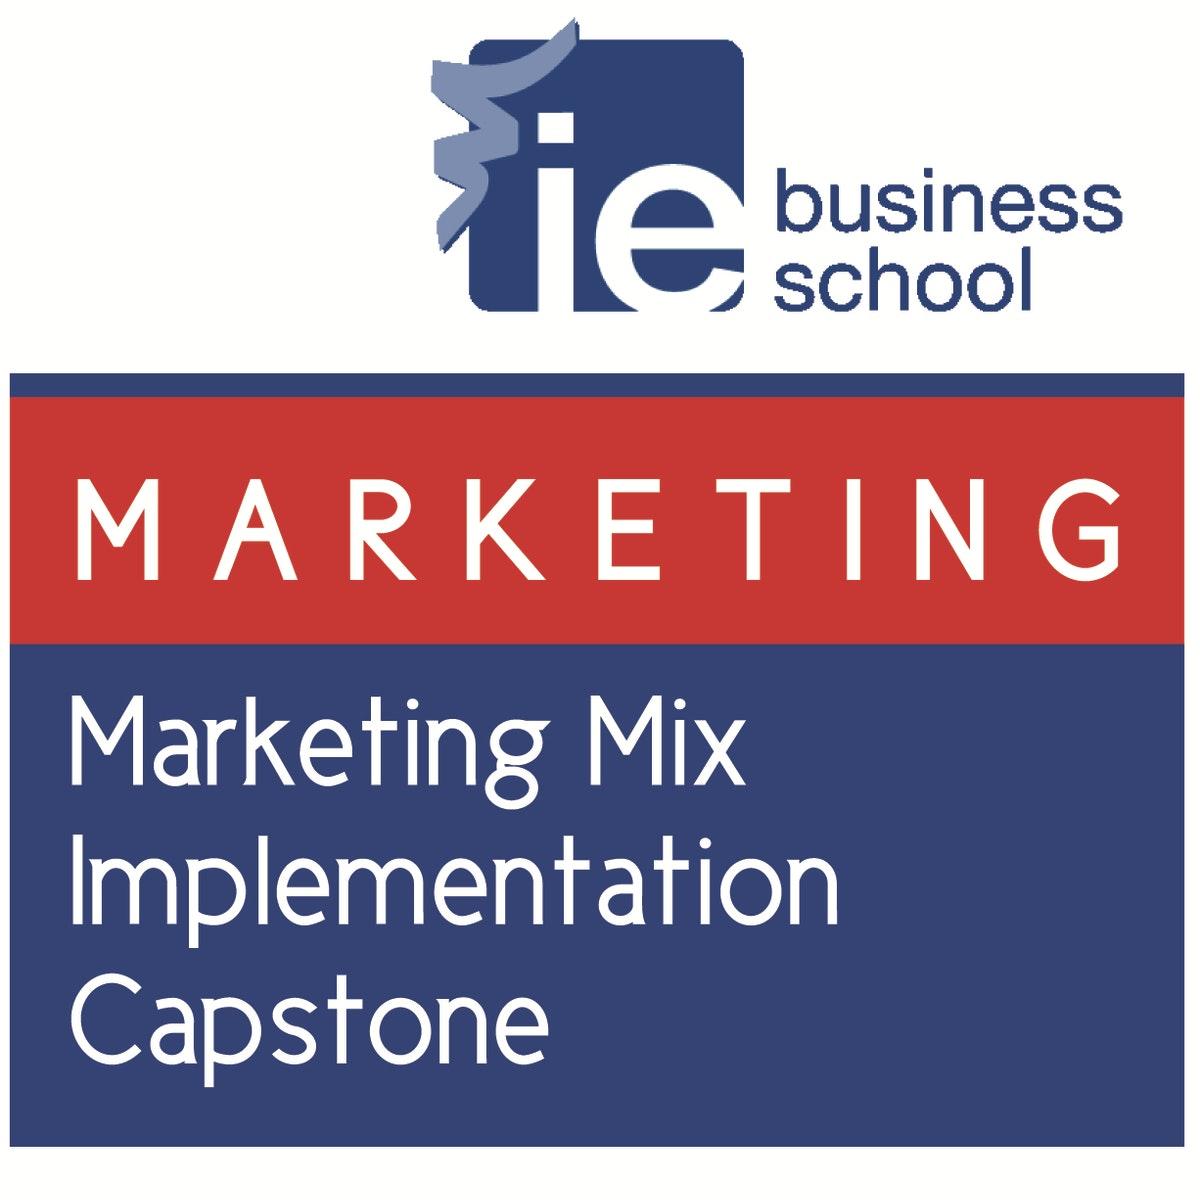 Marketing Mix Implementation Capstone